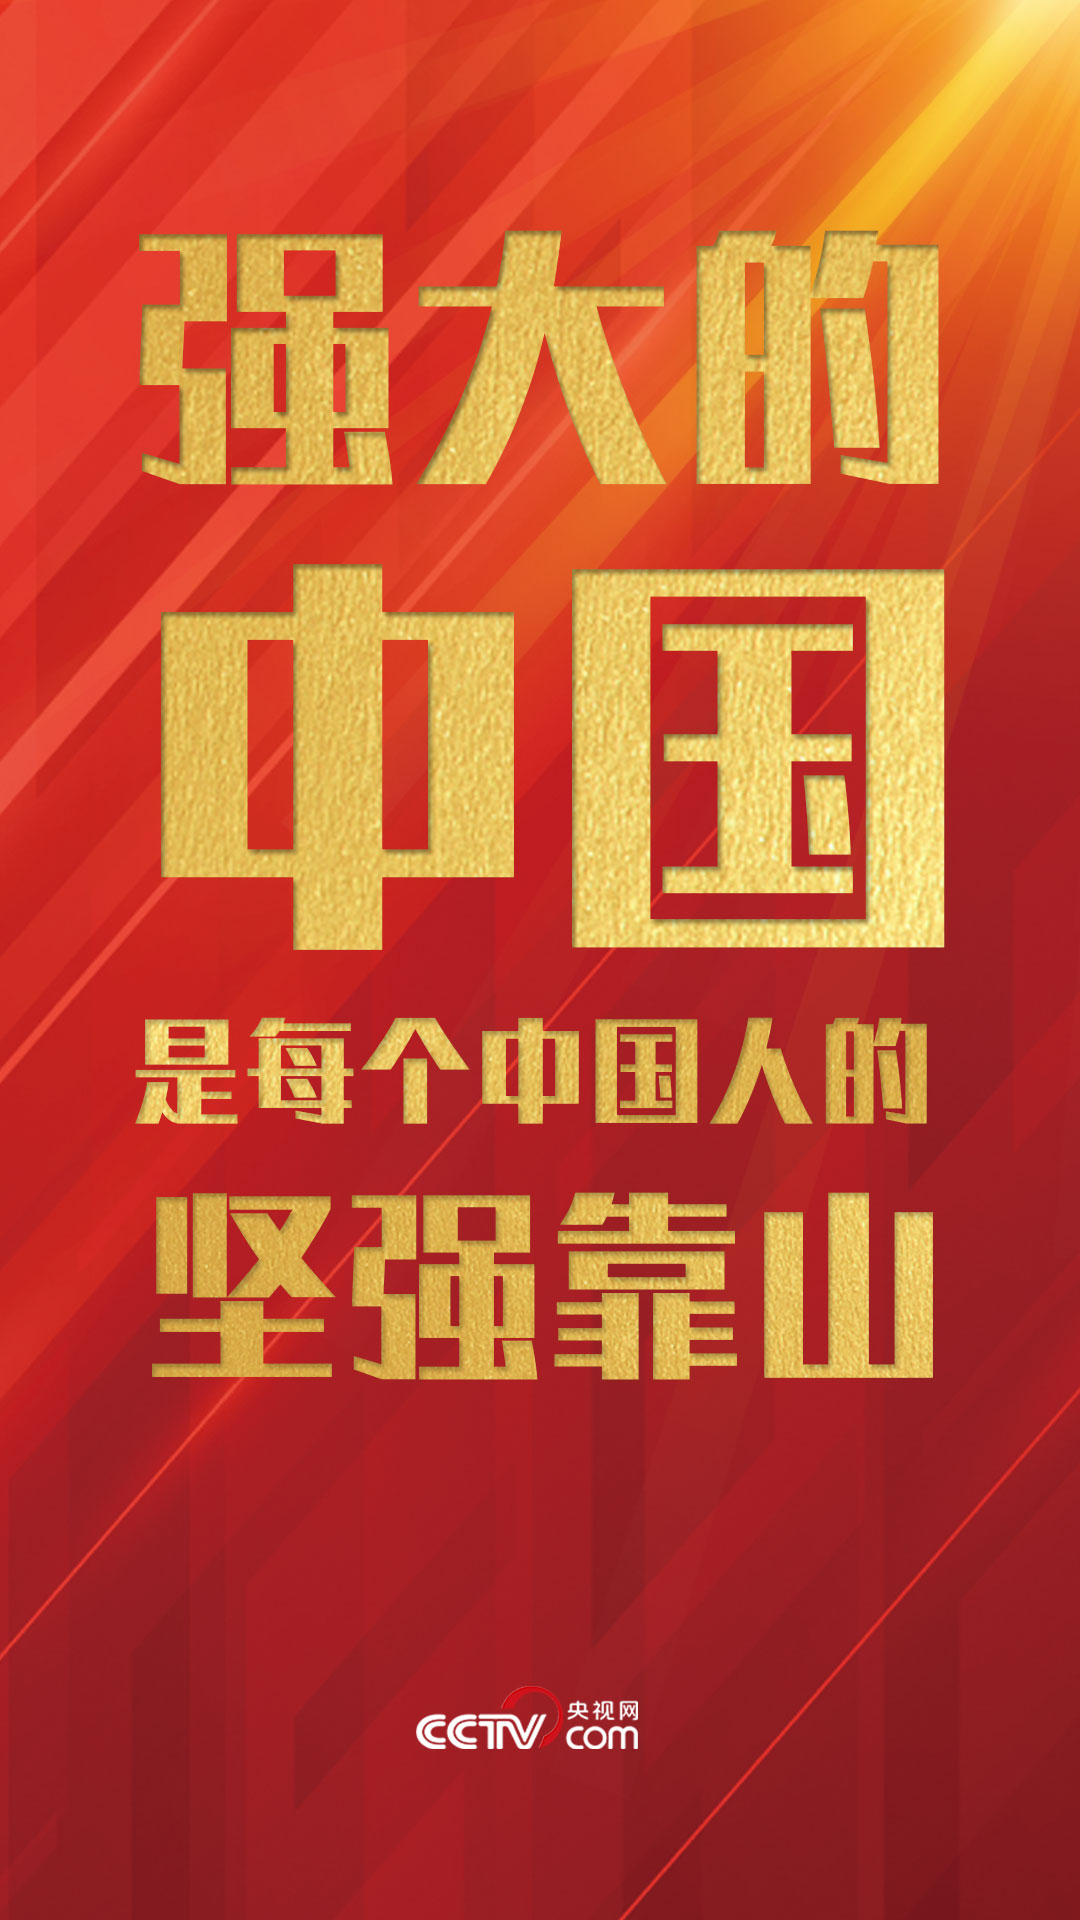 央视网评|强大的中国是每个中国人的坚强靠山